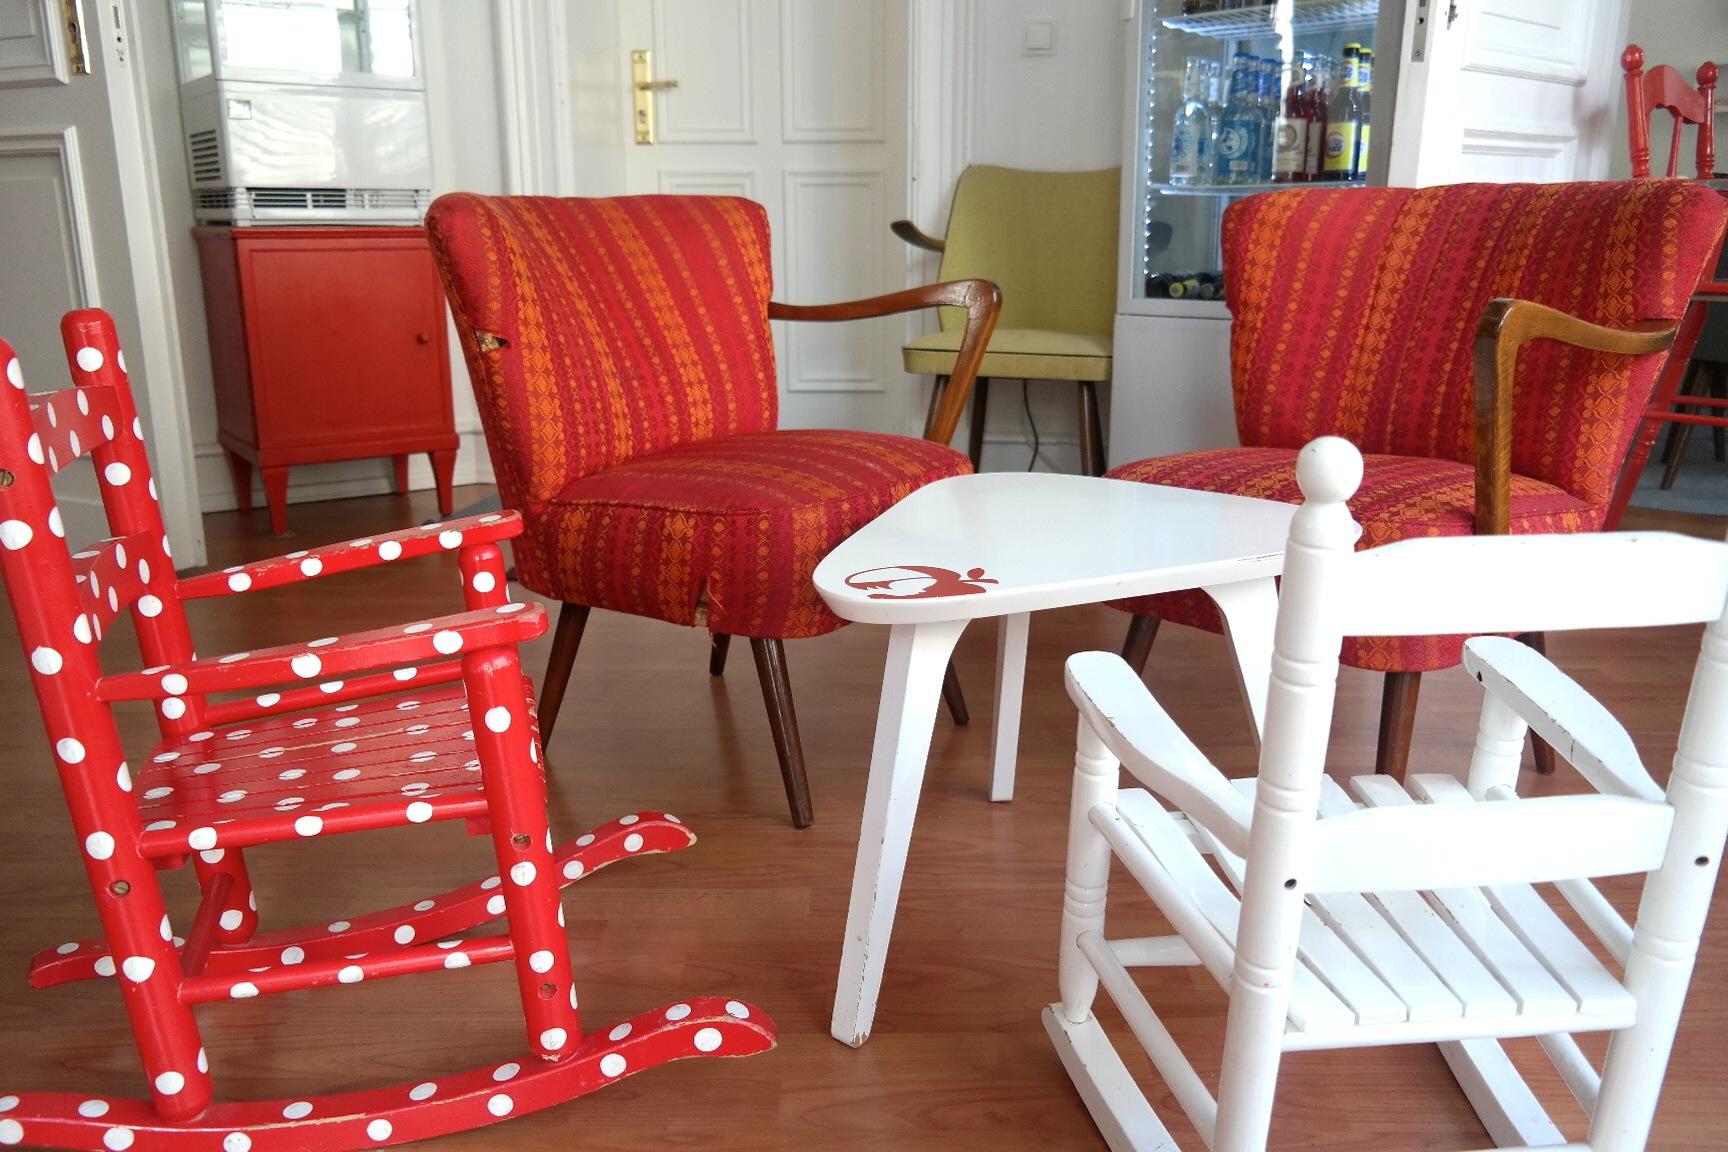 Cafe Apfelkind Südstadt Familiencafe Kinderfreundlich Kaffeetrinken